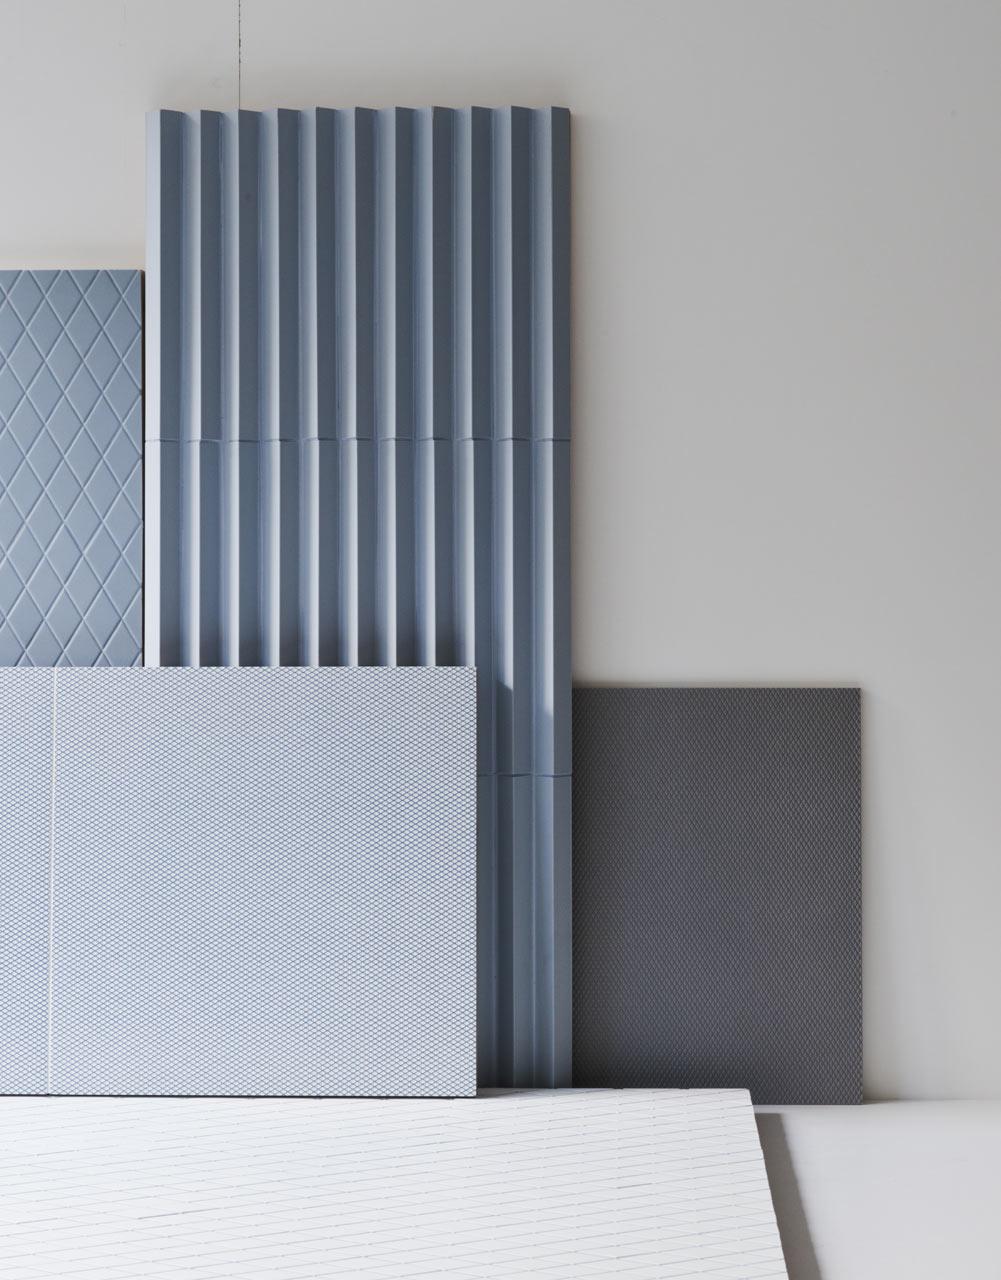 Три варианта стильной облицовочной плитки от Ronan & Erwan Bouroullec, для Mutina